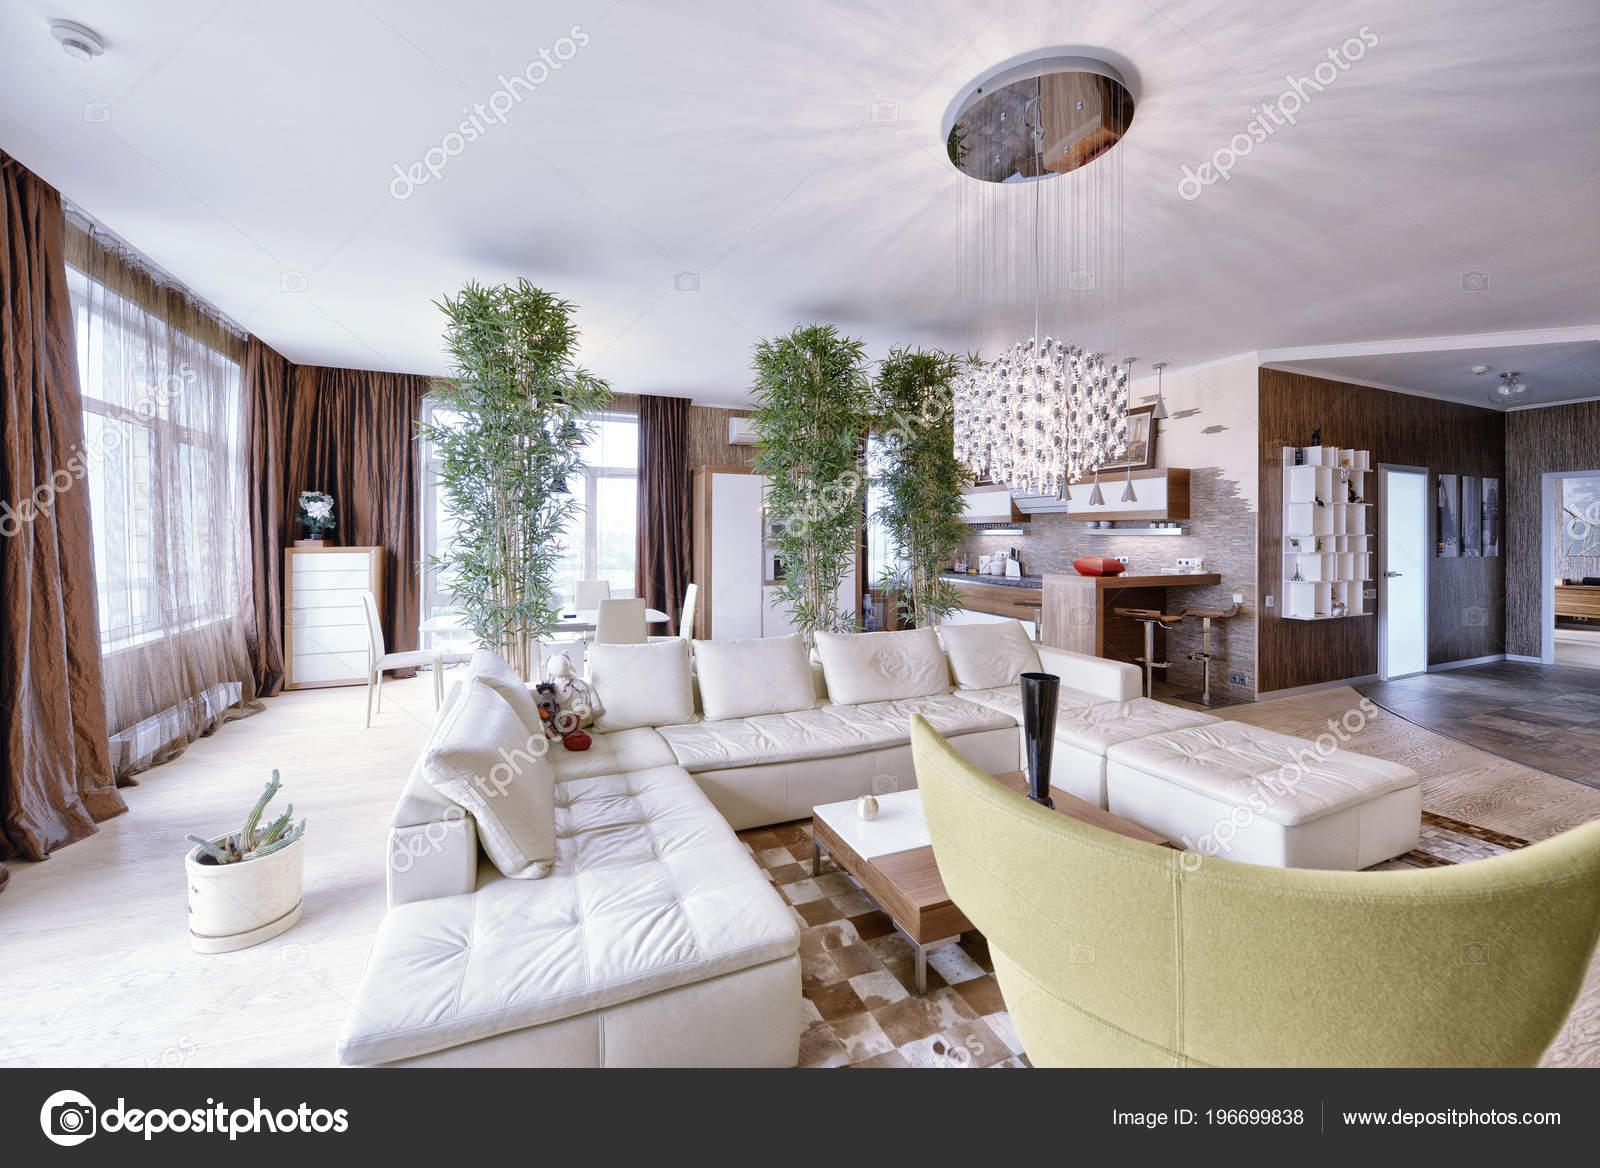 Interieur van keuken woonkamer een modern huis u stockfoto